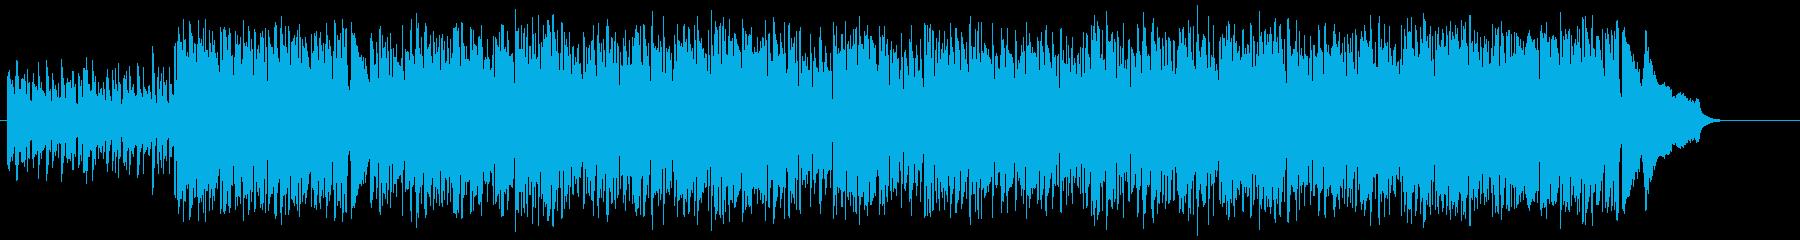 明るい潤いのアコースティックなボサノバの再生済みの波形